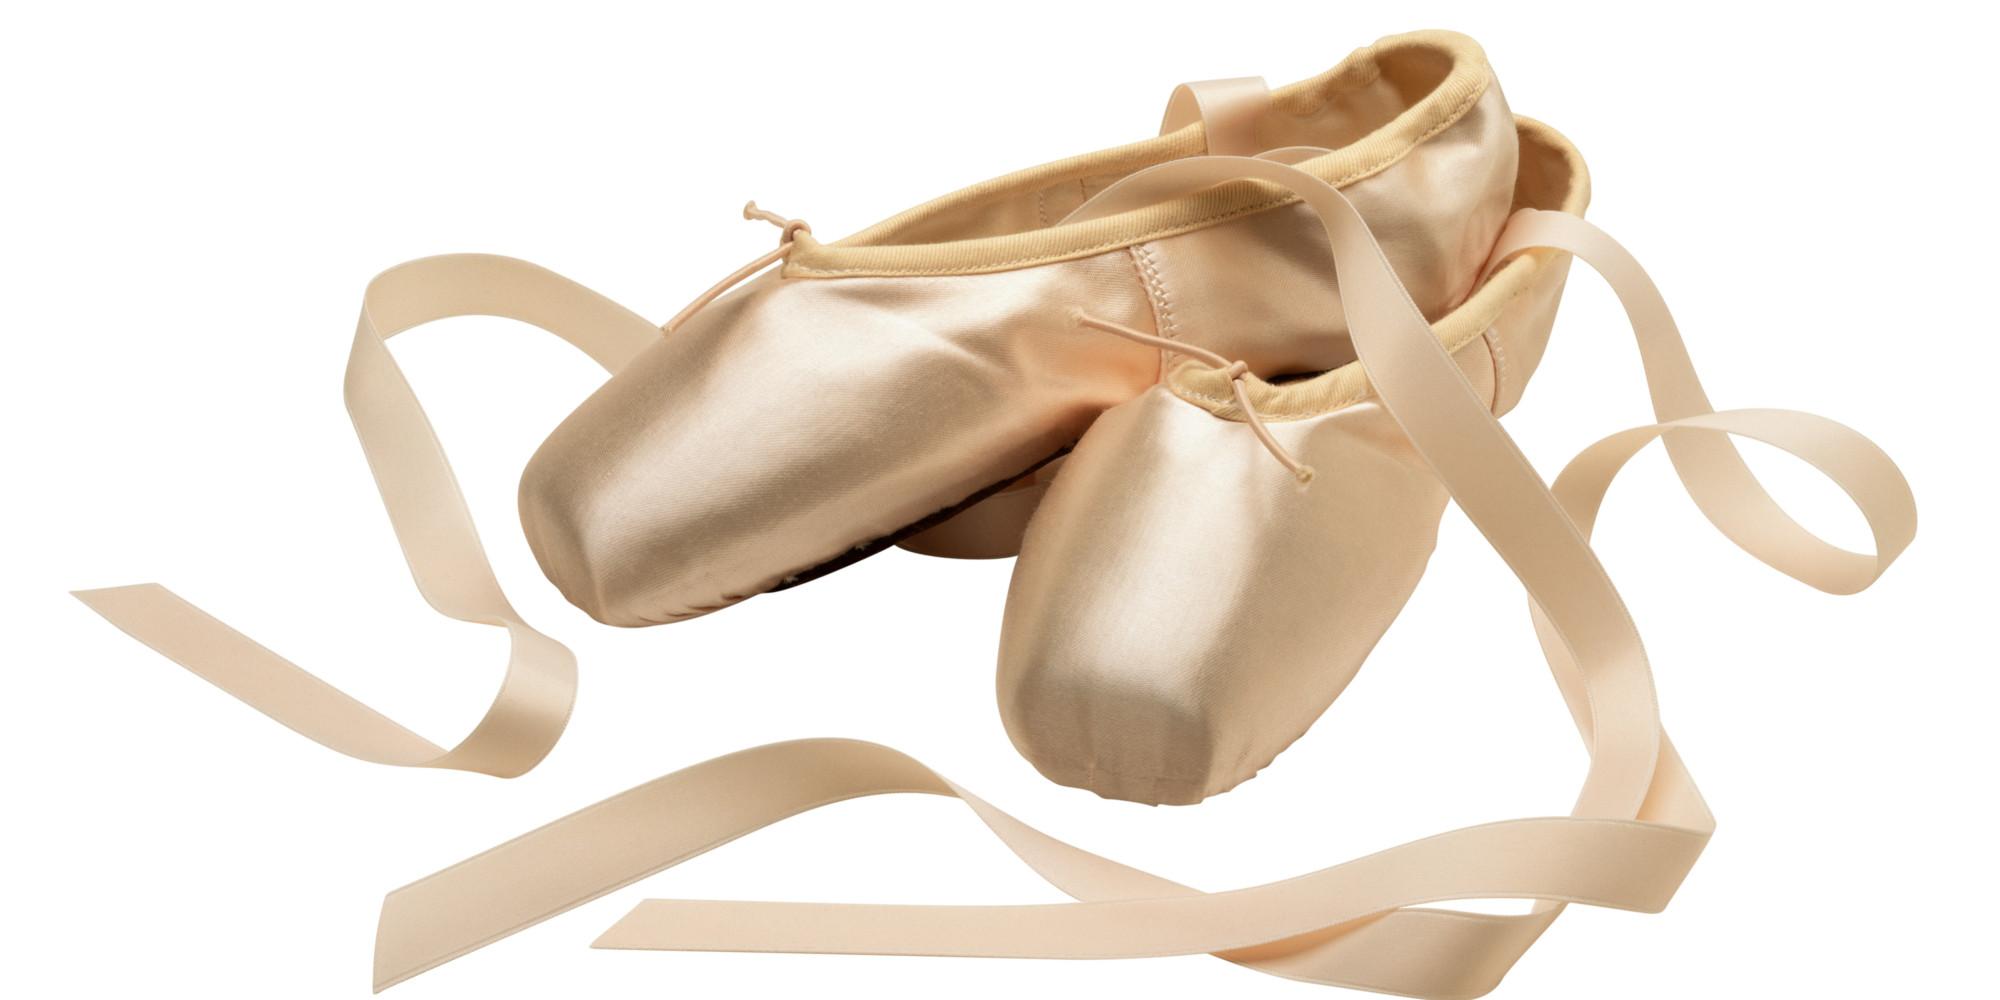 Dynasty Dance Sansha Dance Shoes Ballet Shoes Toe Shoes Practice